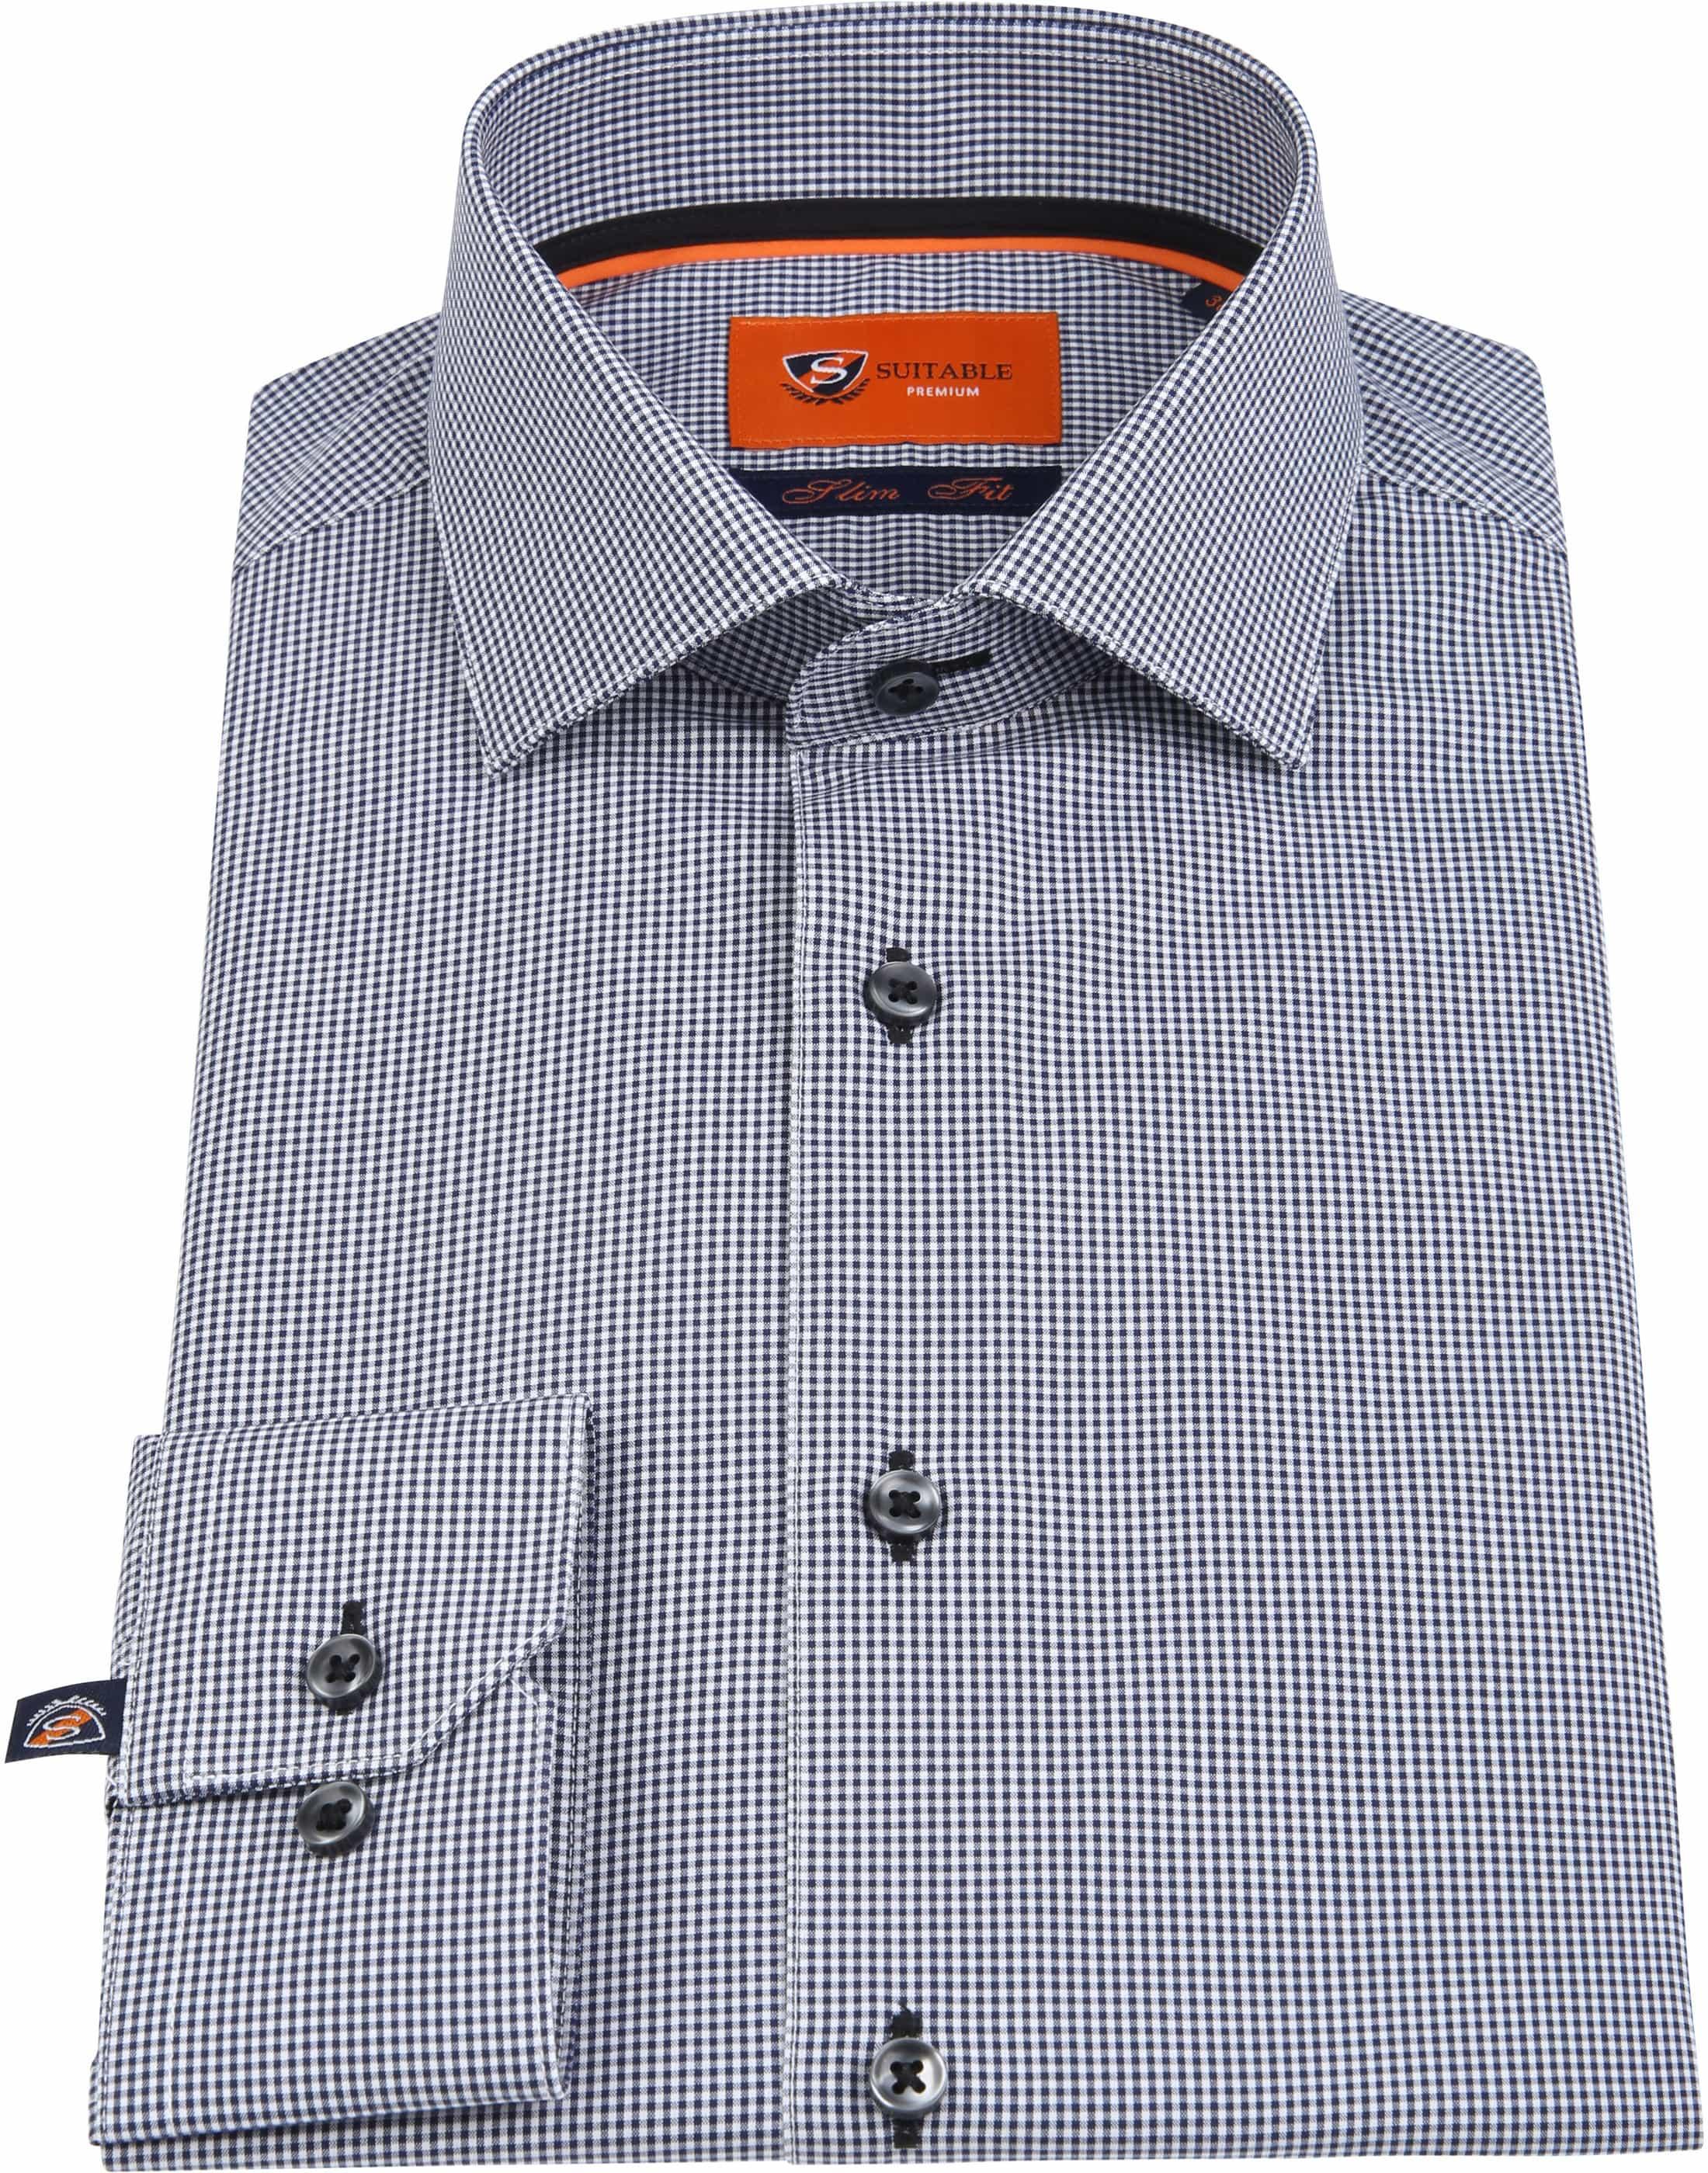 Suitable Shirt SF Checks foto 3